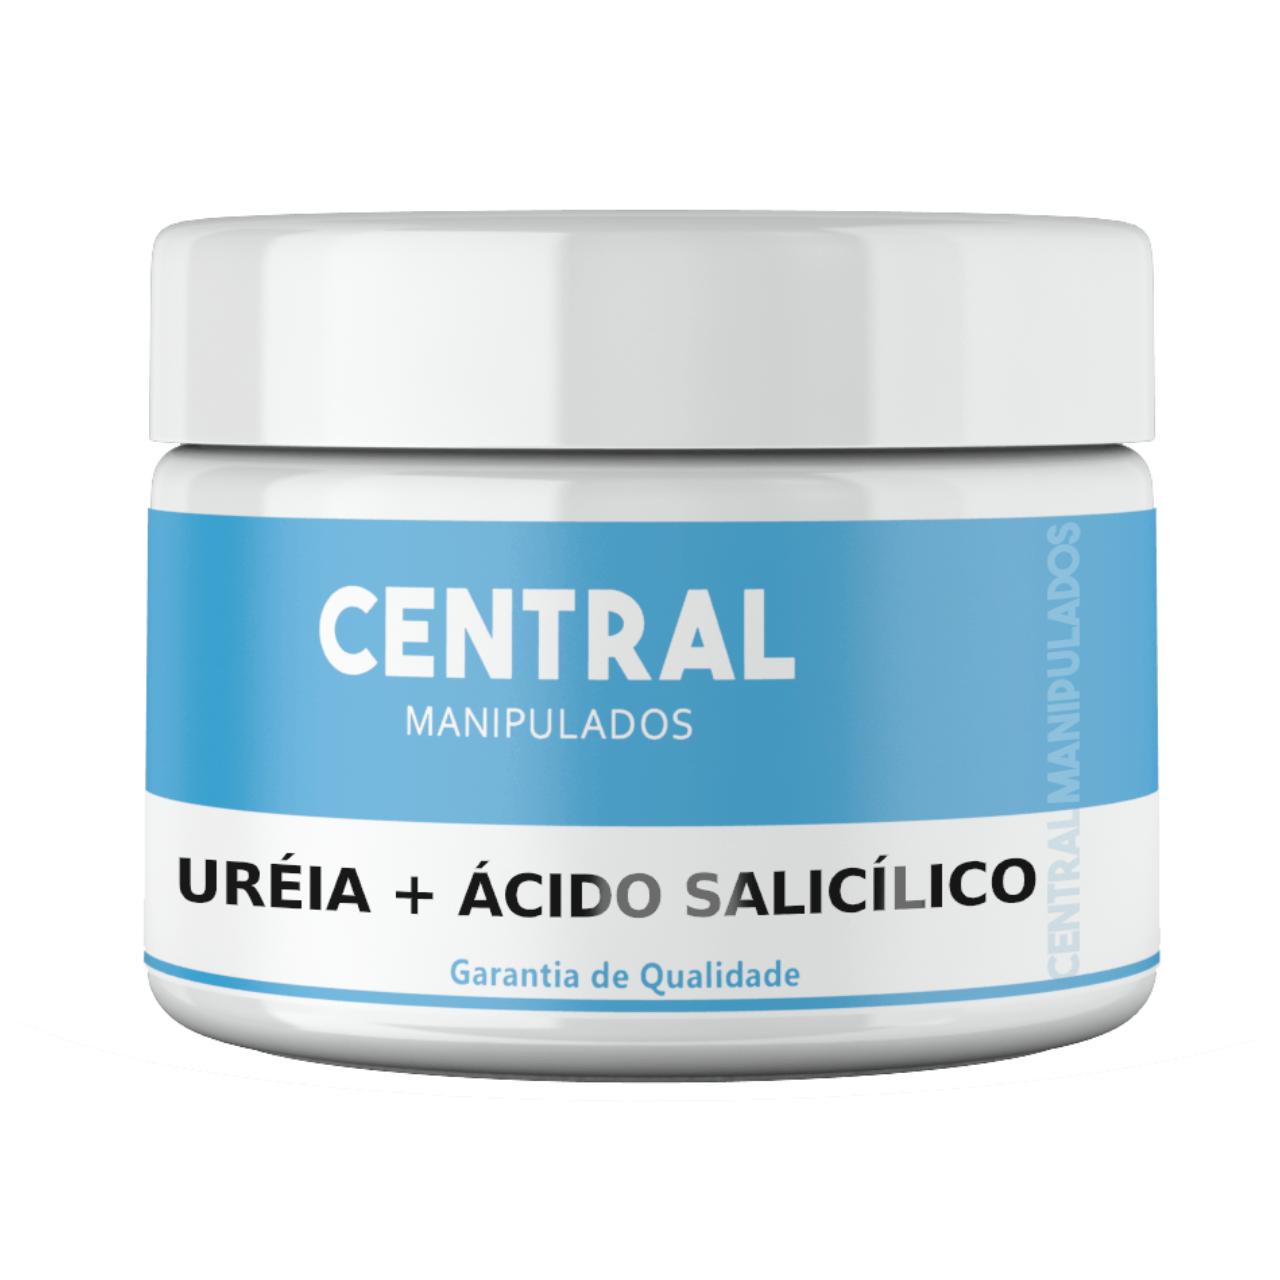 Ácido salicílico 3% com Uréia 10%  - Creme 100g - Renovação para a pele, previne rugas, espinhas, controla oleosidade